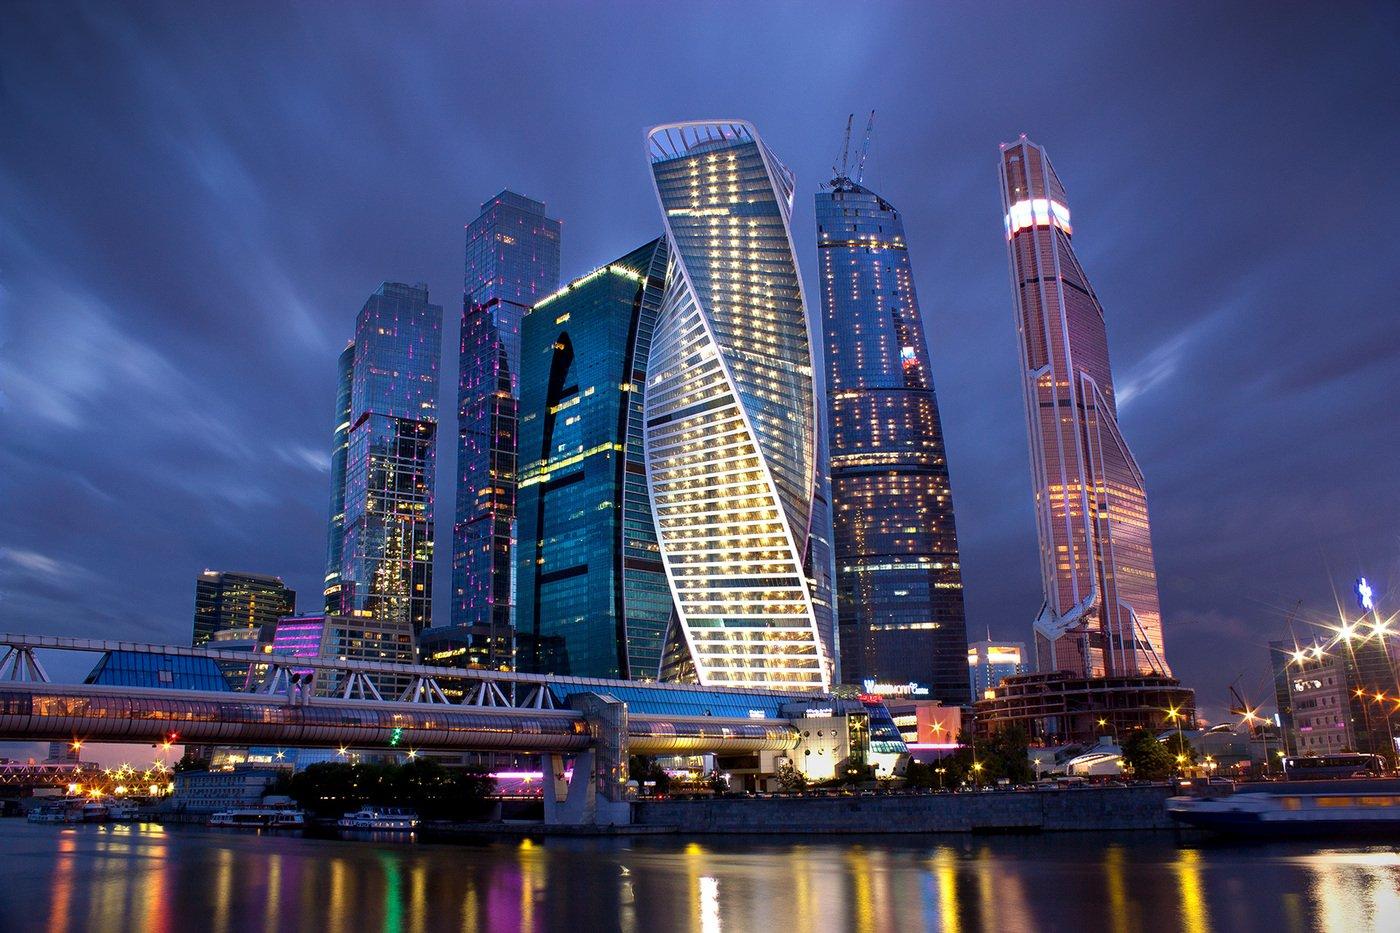 """Московский Даунтаун (англ. Downtown, букв. — «нижний город») — Москва-сити, Москва. Центр международной коммерции и финансовое """"сердце"""" столицы"""